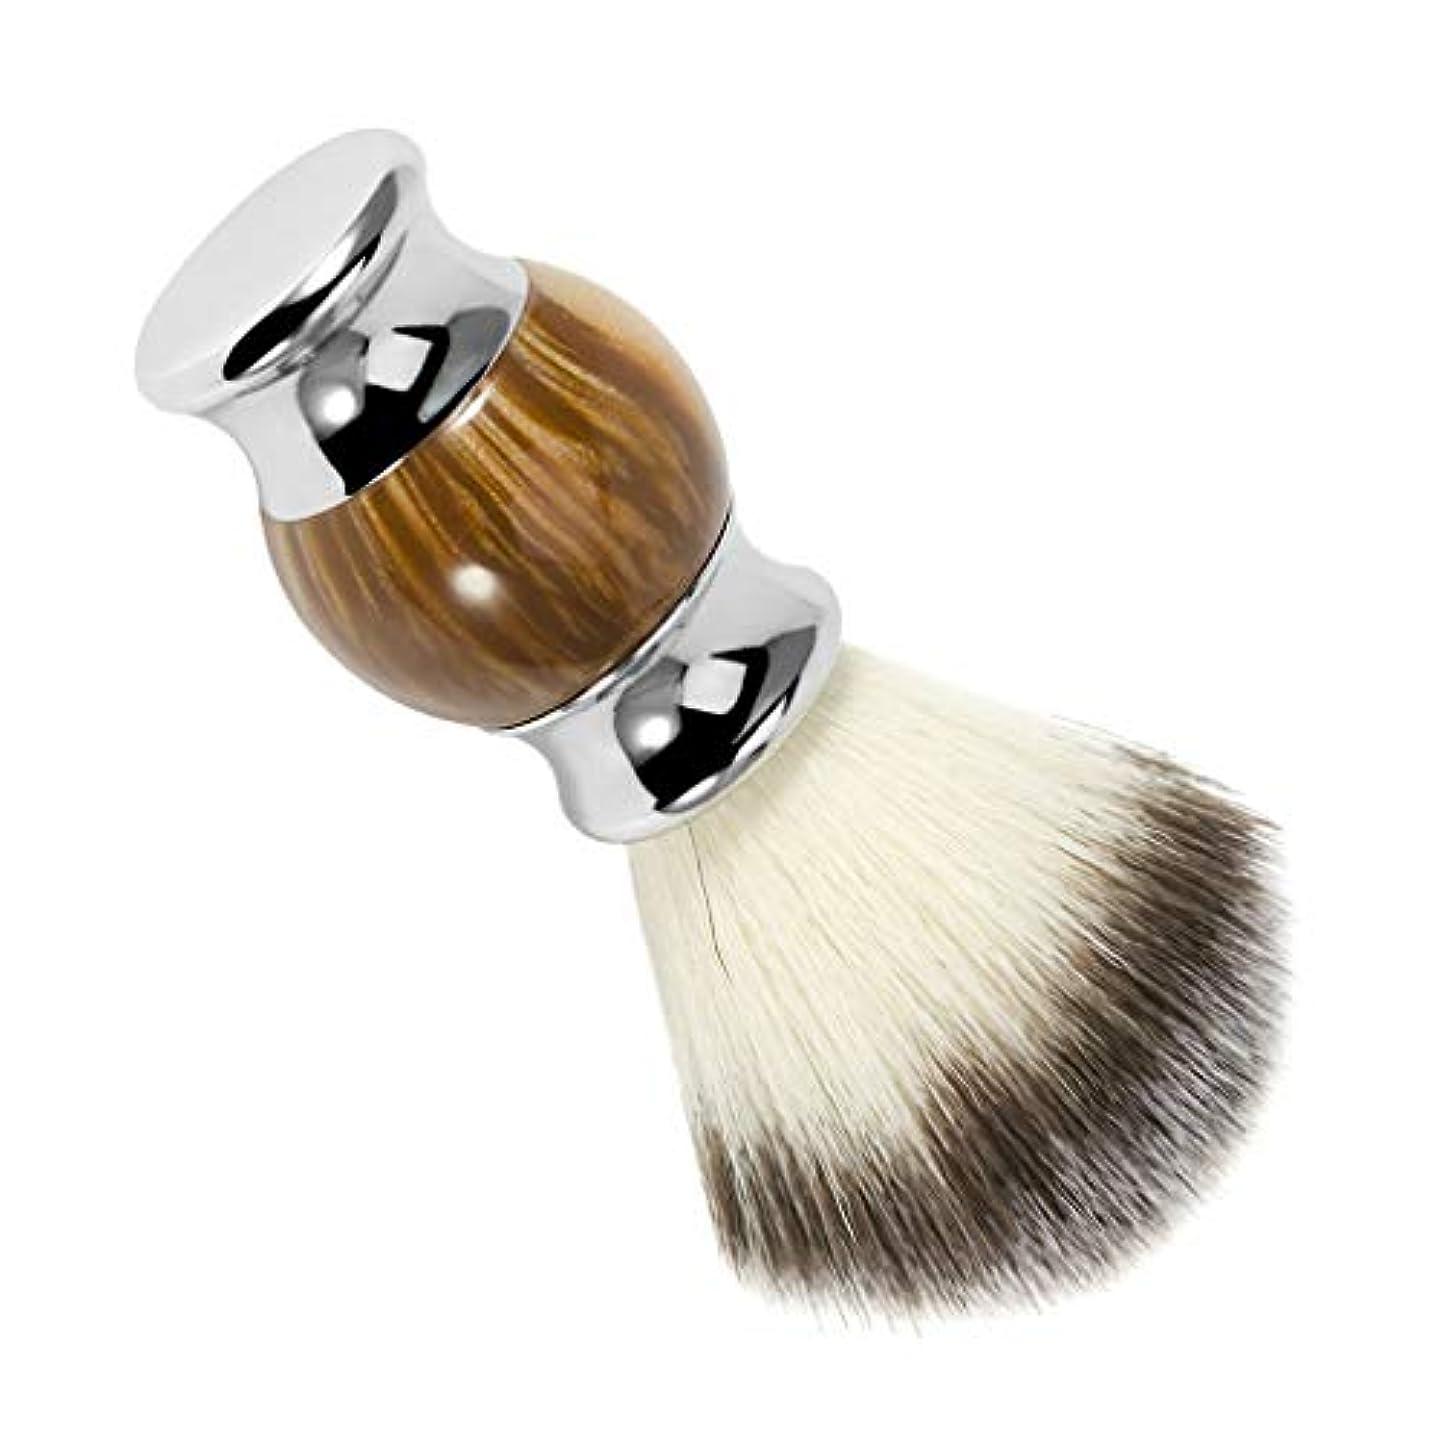 会計士誤解させるプロテスタントHellery ひげ剃りブラシ シェービングブラシ メンズ 髭剃り プロフェッショナル ひげ剃り 美容ツール